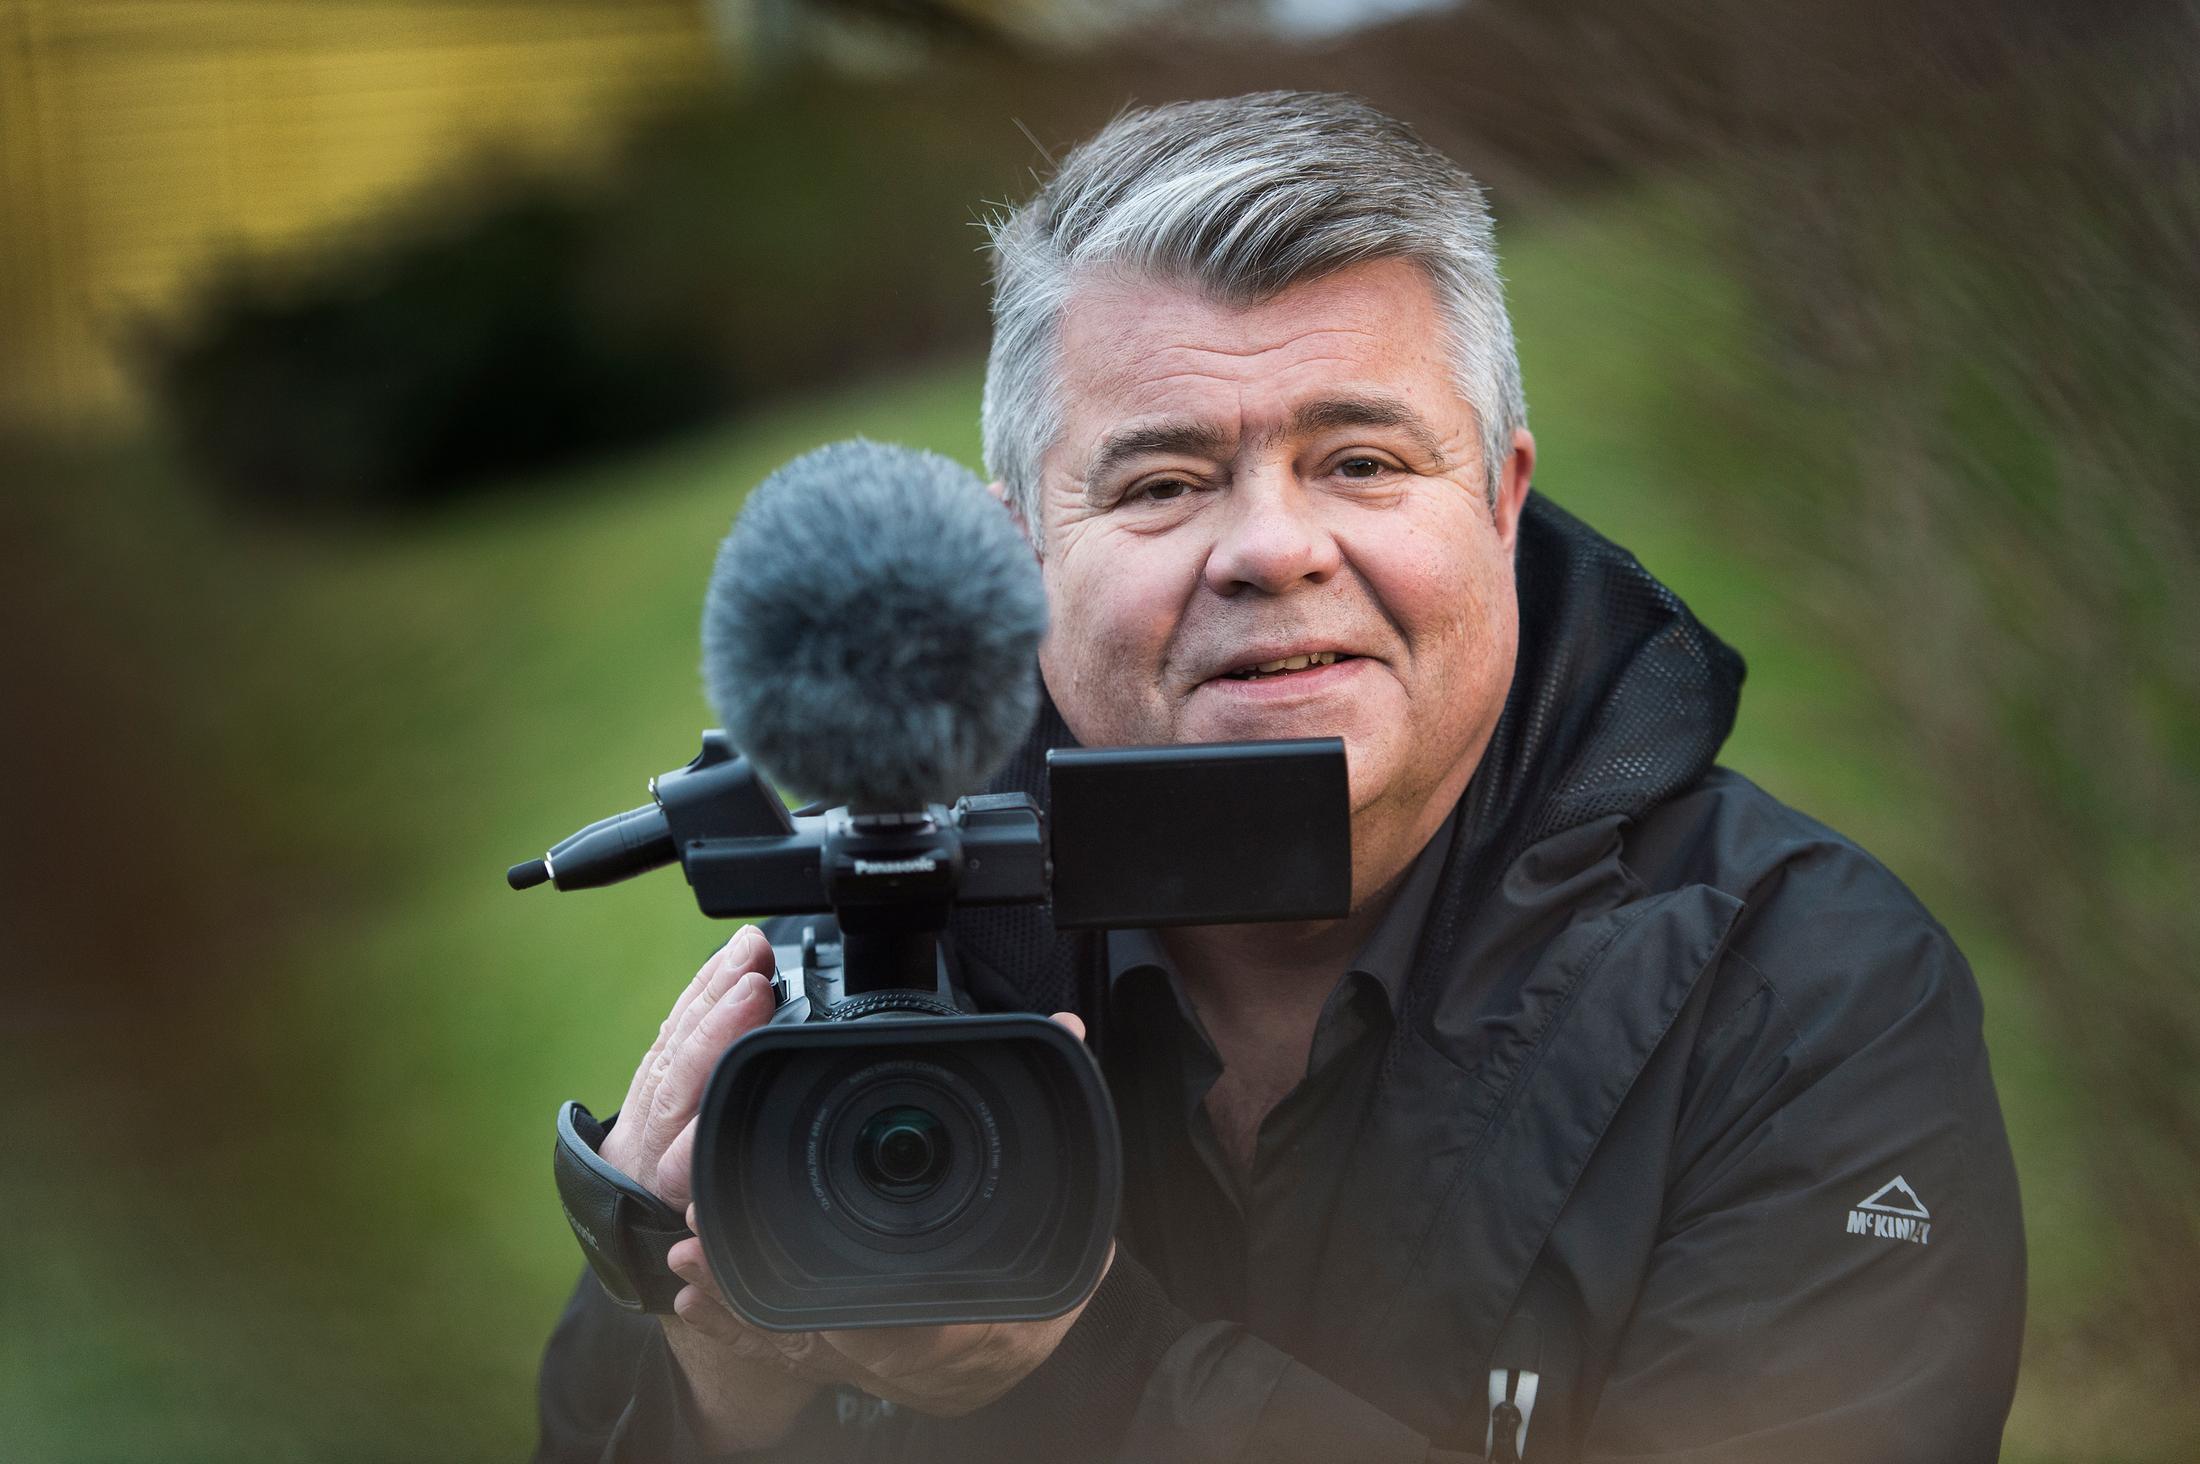 Henrik Pettersson